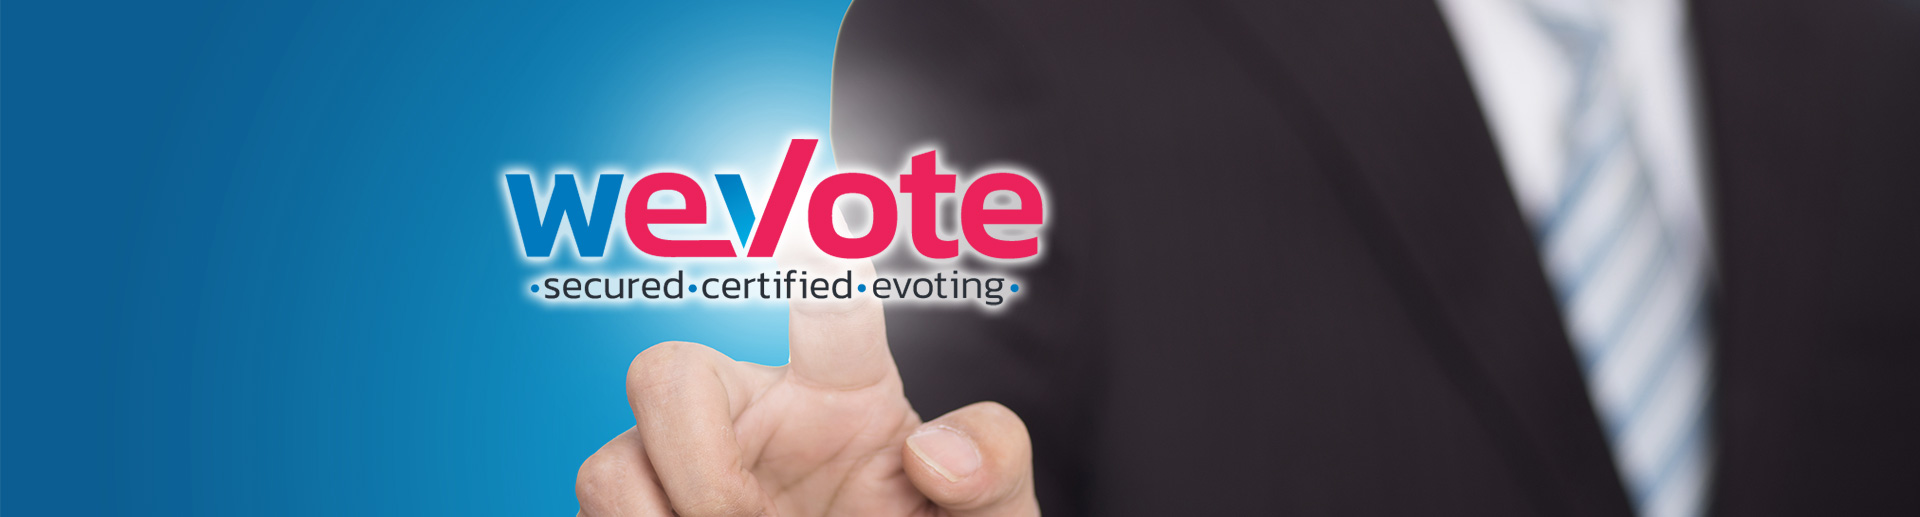 caratteristiche del sistema di voto assemblaggio digitale wevote